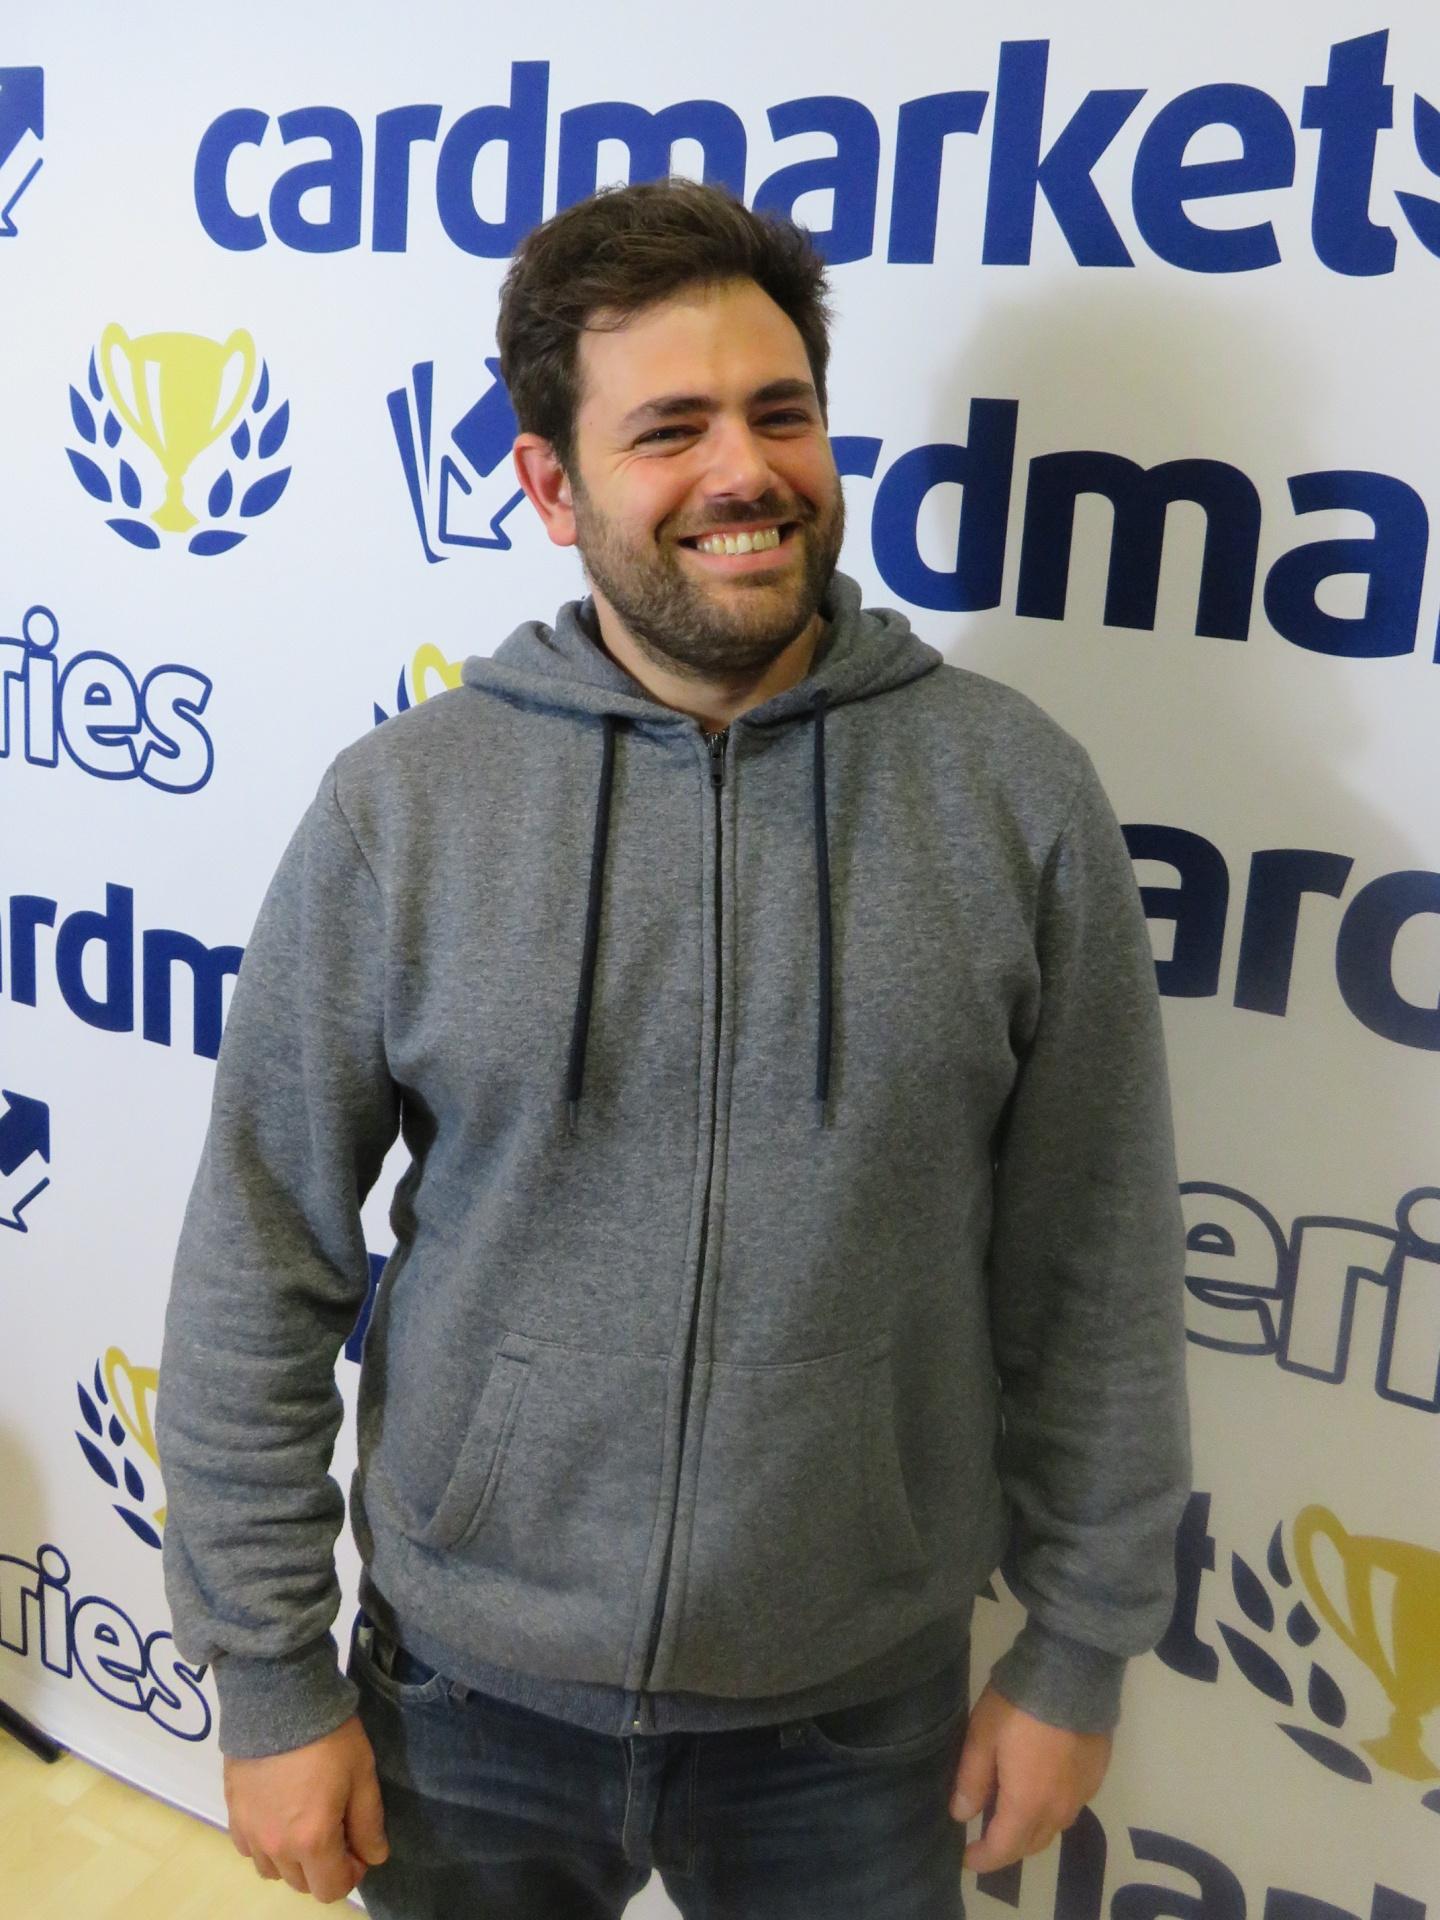 Tommaso Magnoli